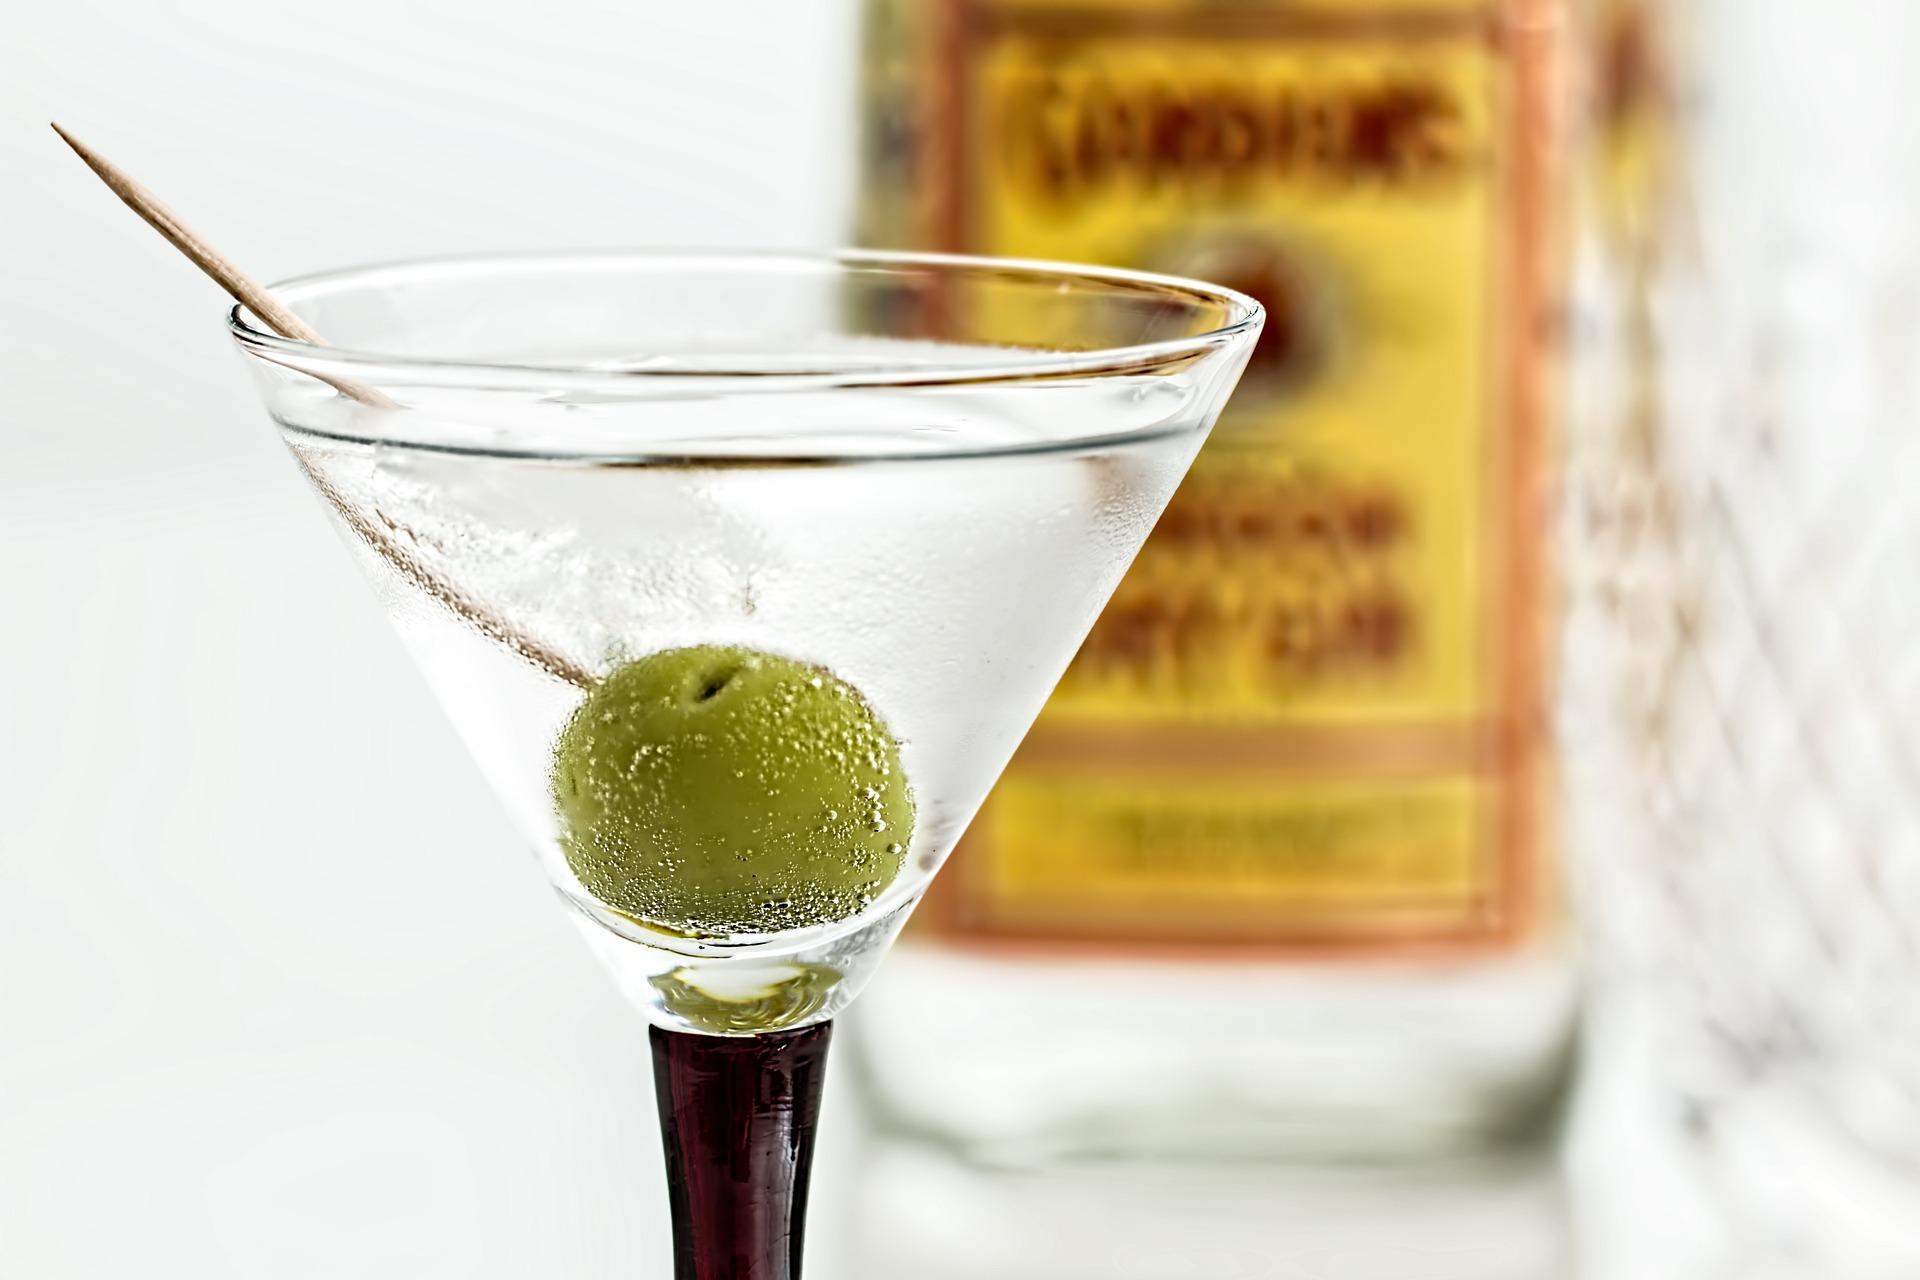 Алкоголь при цистите у женщин или мужчин: можно ли пить спиртное при болезни? Последствия употребления